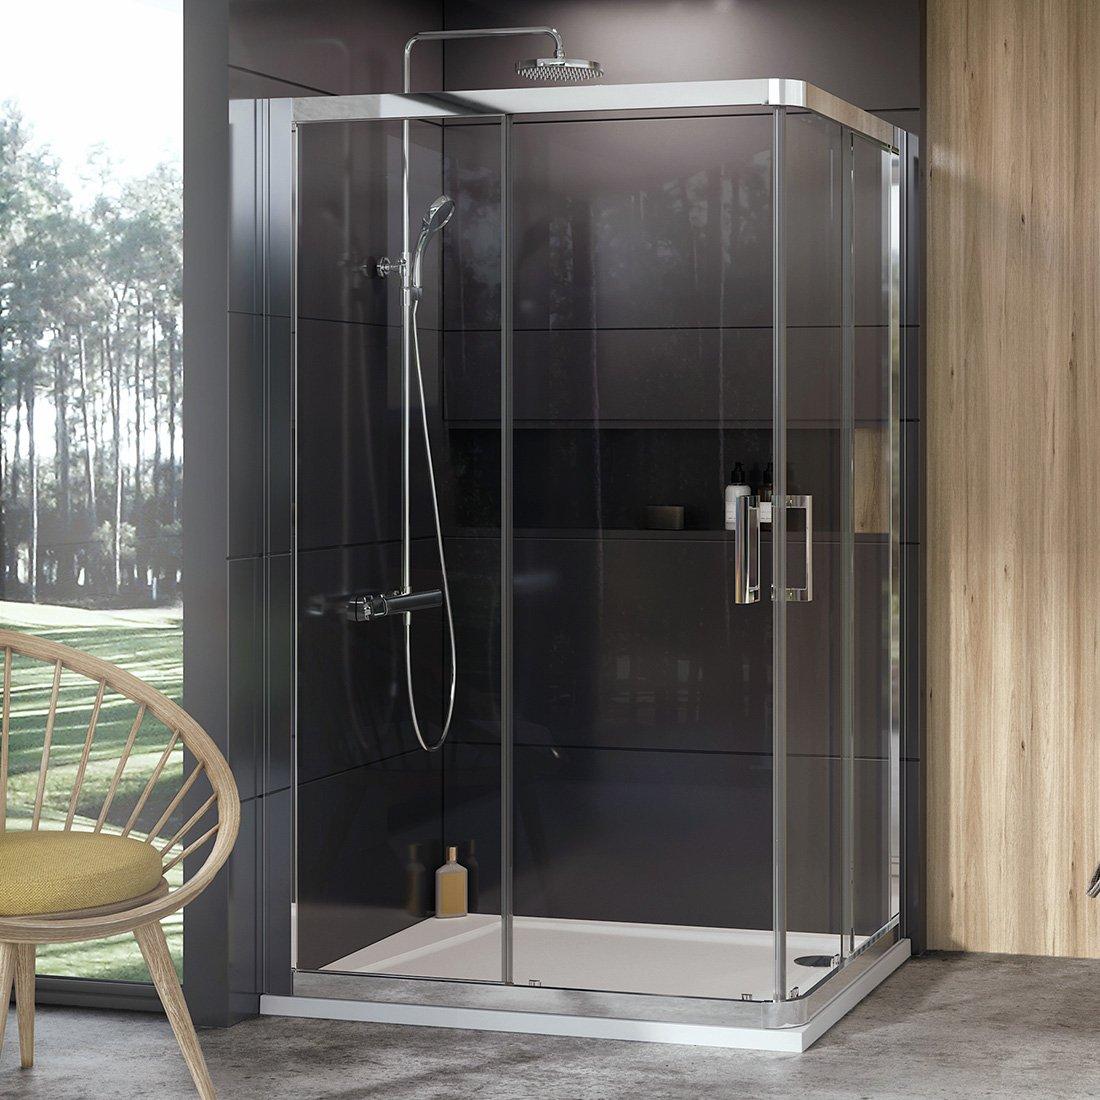 Typy sprchových vaniček ke sprchovým koutům 7